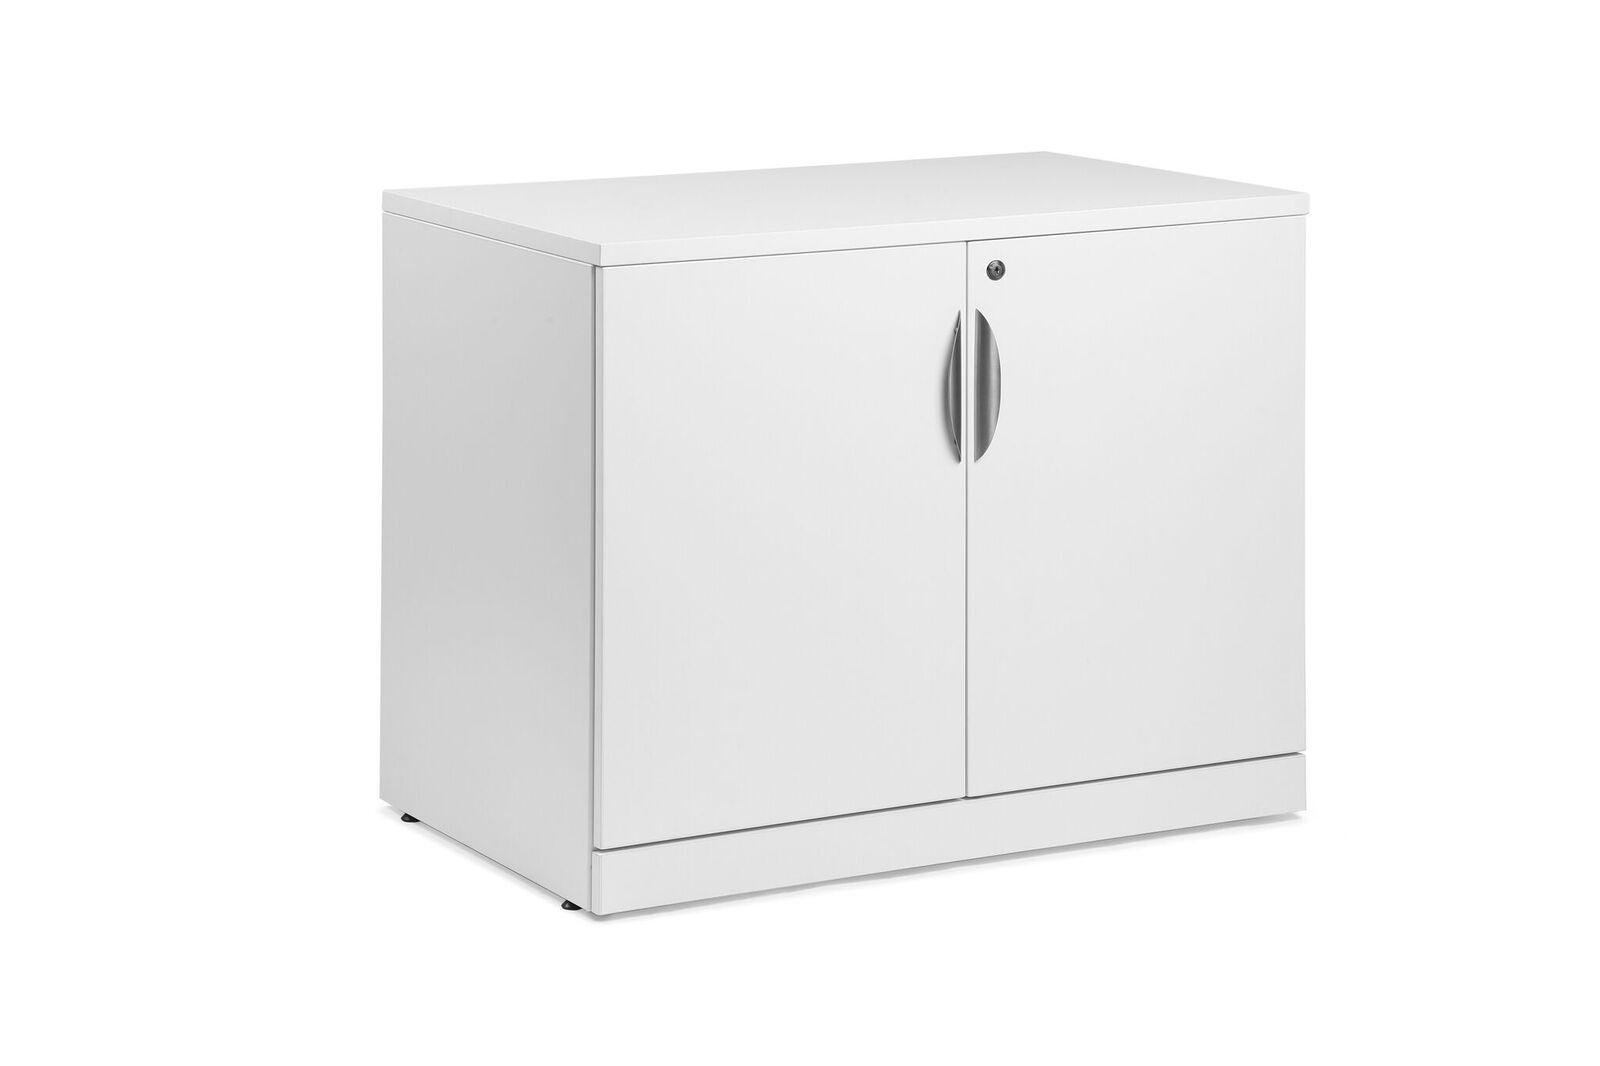 white laminate storage cabinets listitdallas rh listitdallas net 72 Inch High Storage Cabinet White Kitchen White Laminate Shelving Unit